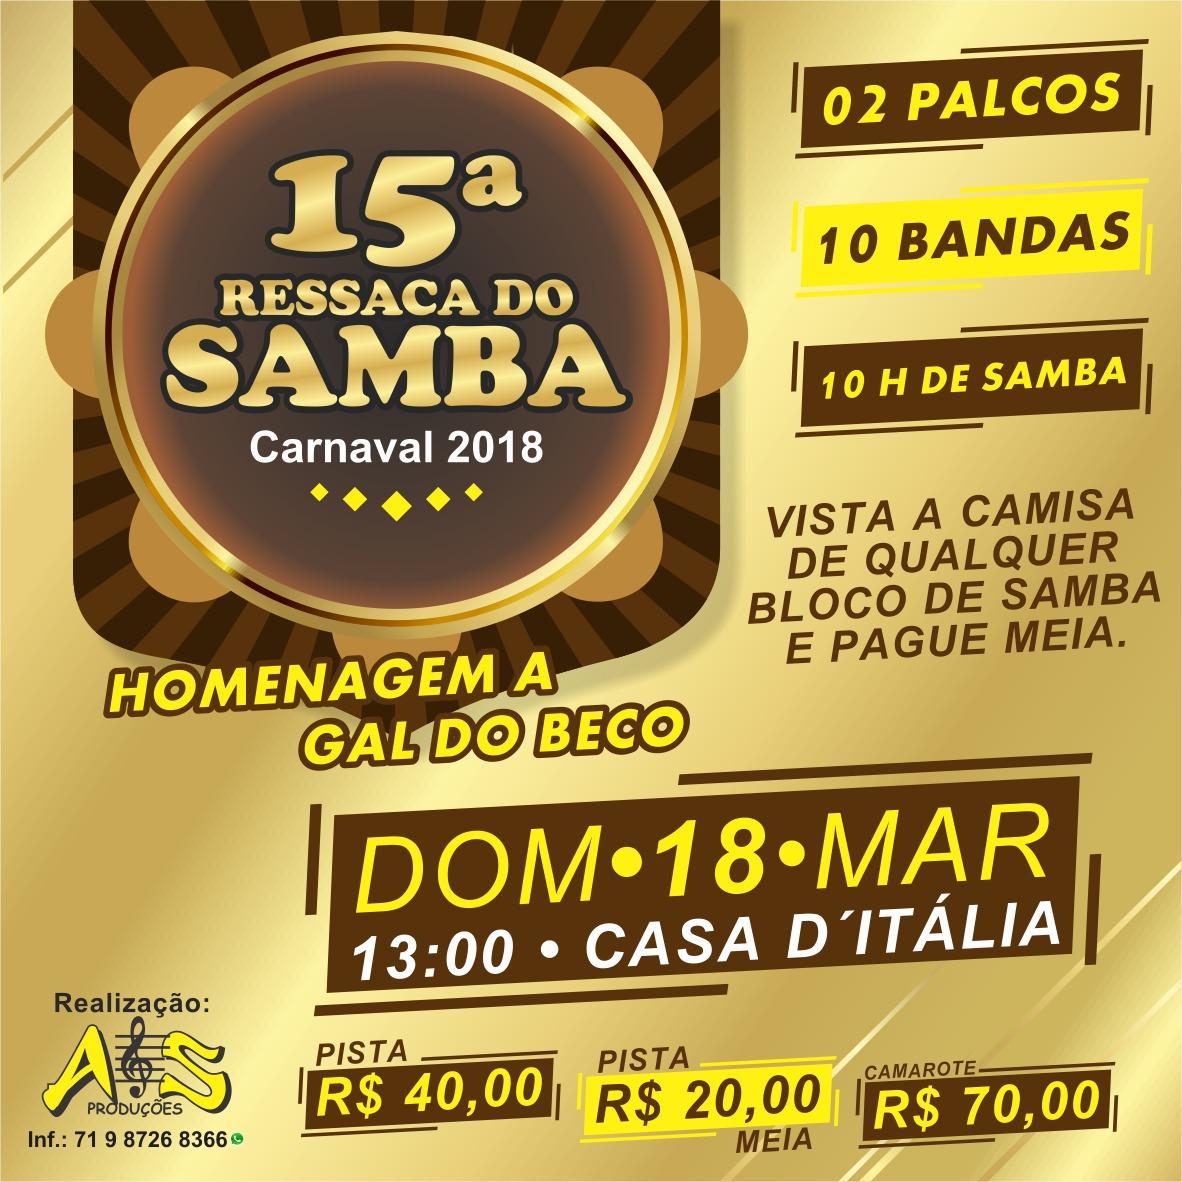 5cc6777516f33 Ressaca do Samba chega em sua 15ª edição reunindo o melhor do samba baiano